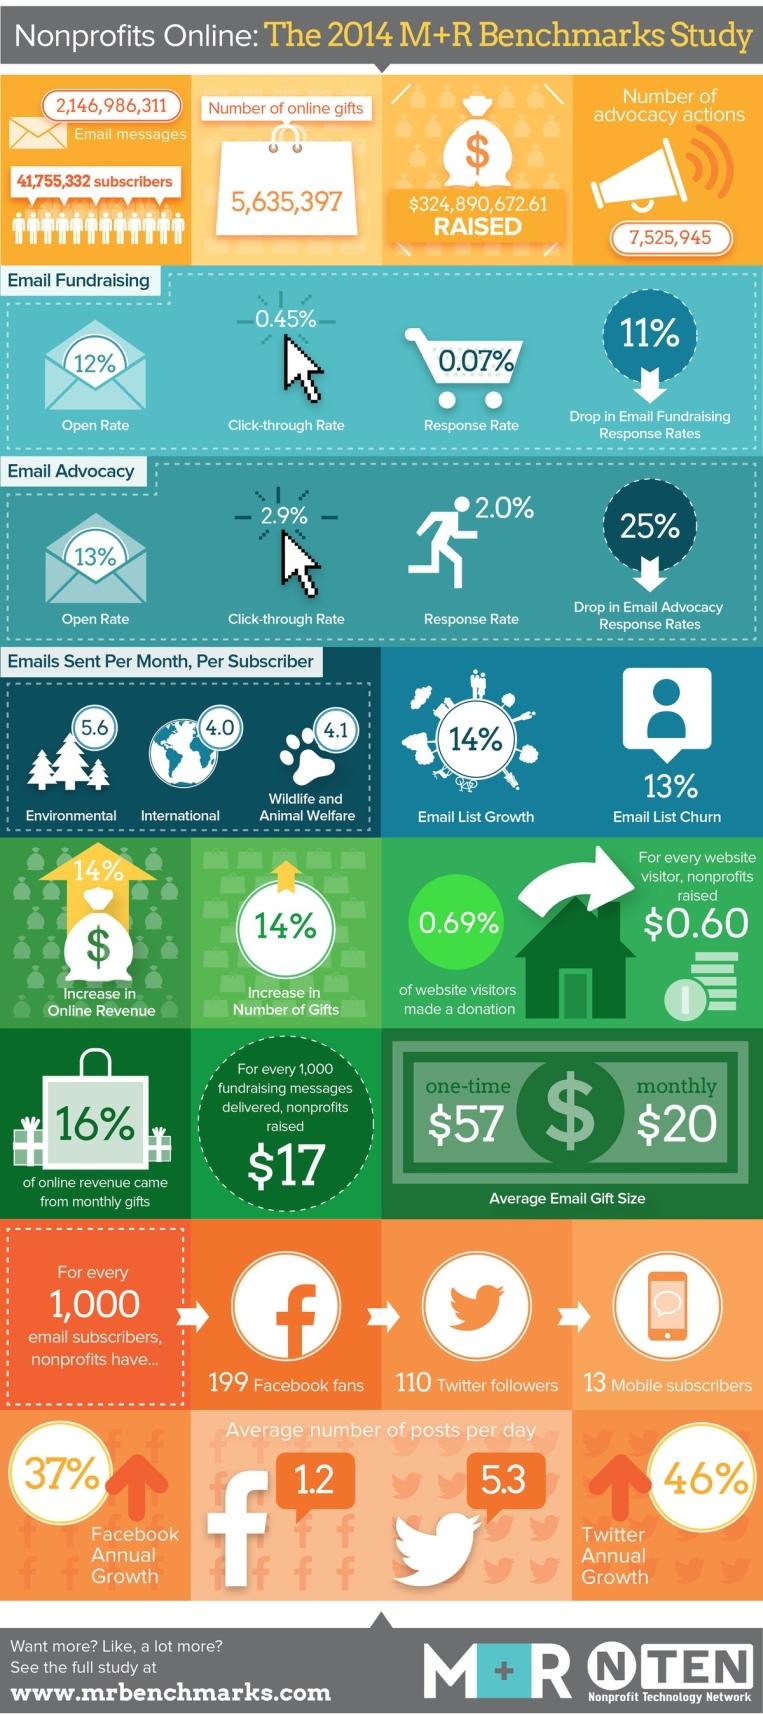 non-profit-benchmarks-2014